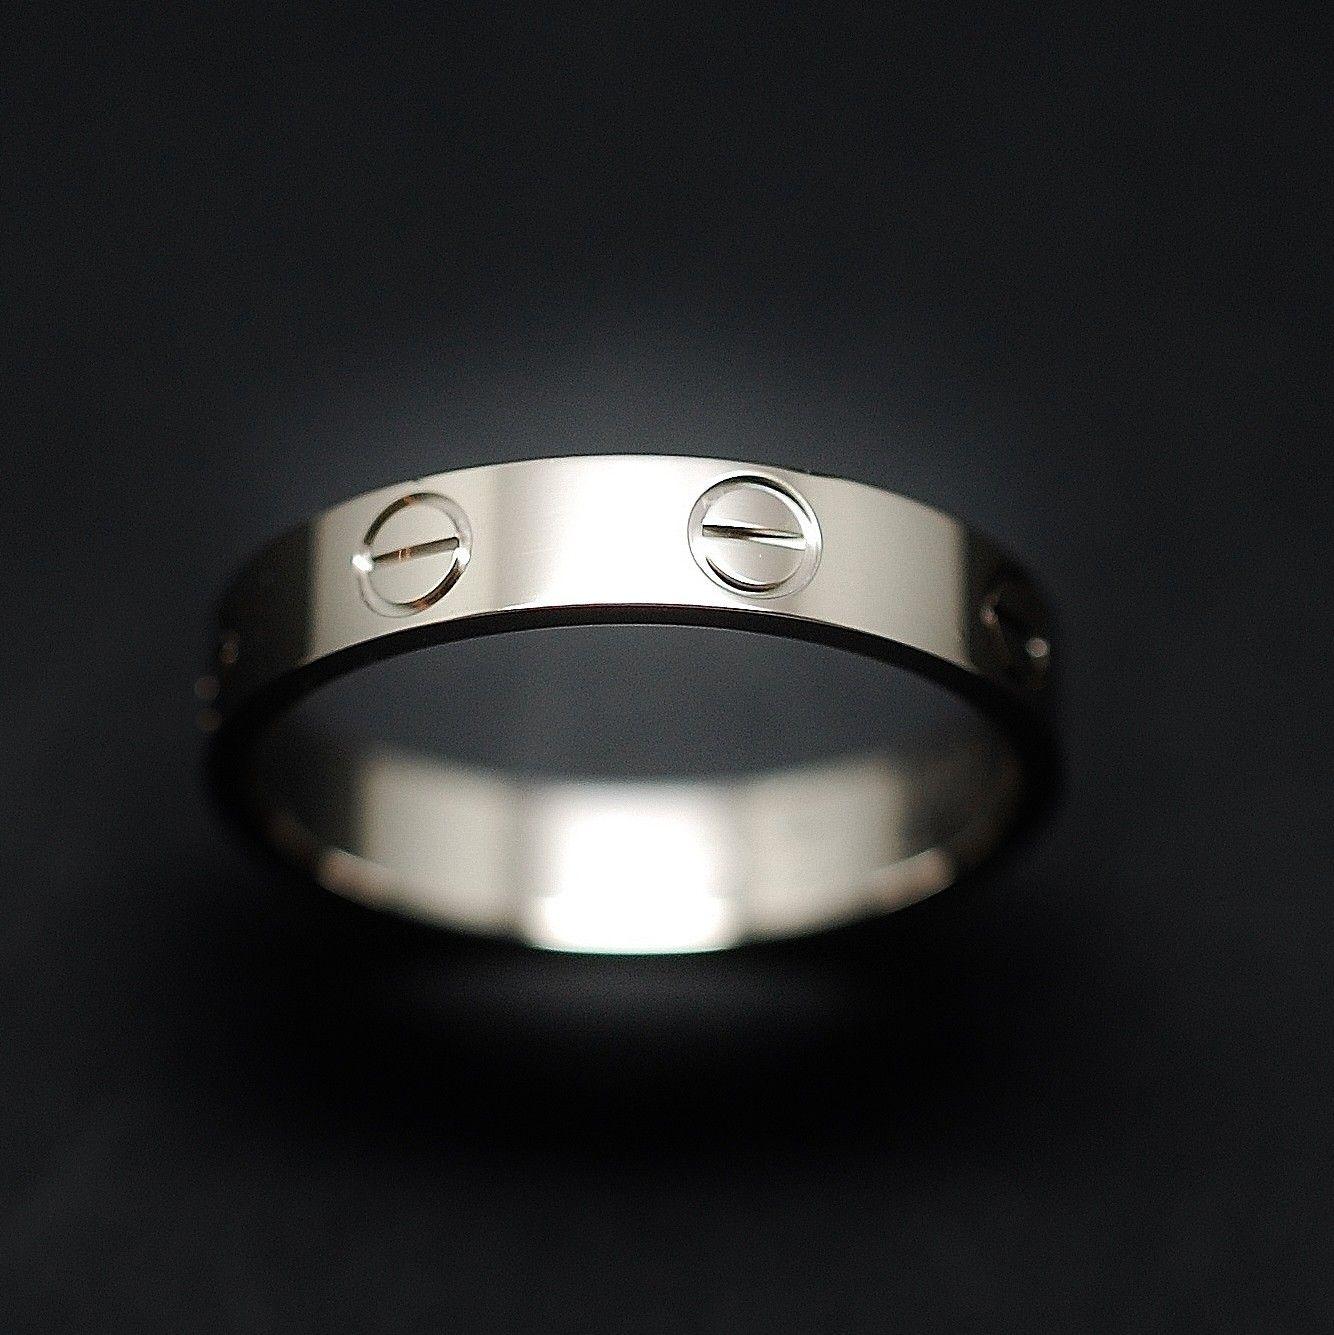 à vendre : 680€ Bague Cartier Love Or gris 18K Vers 2002. Taille 54. Poids total : 2.90 gr largeur : 3.5 mm Boîte d'origine Taille 54 mise à taille impossible Prix neuf : 1100€